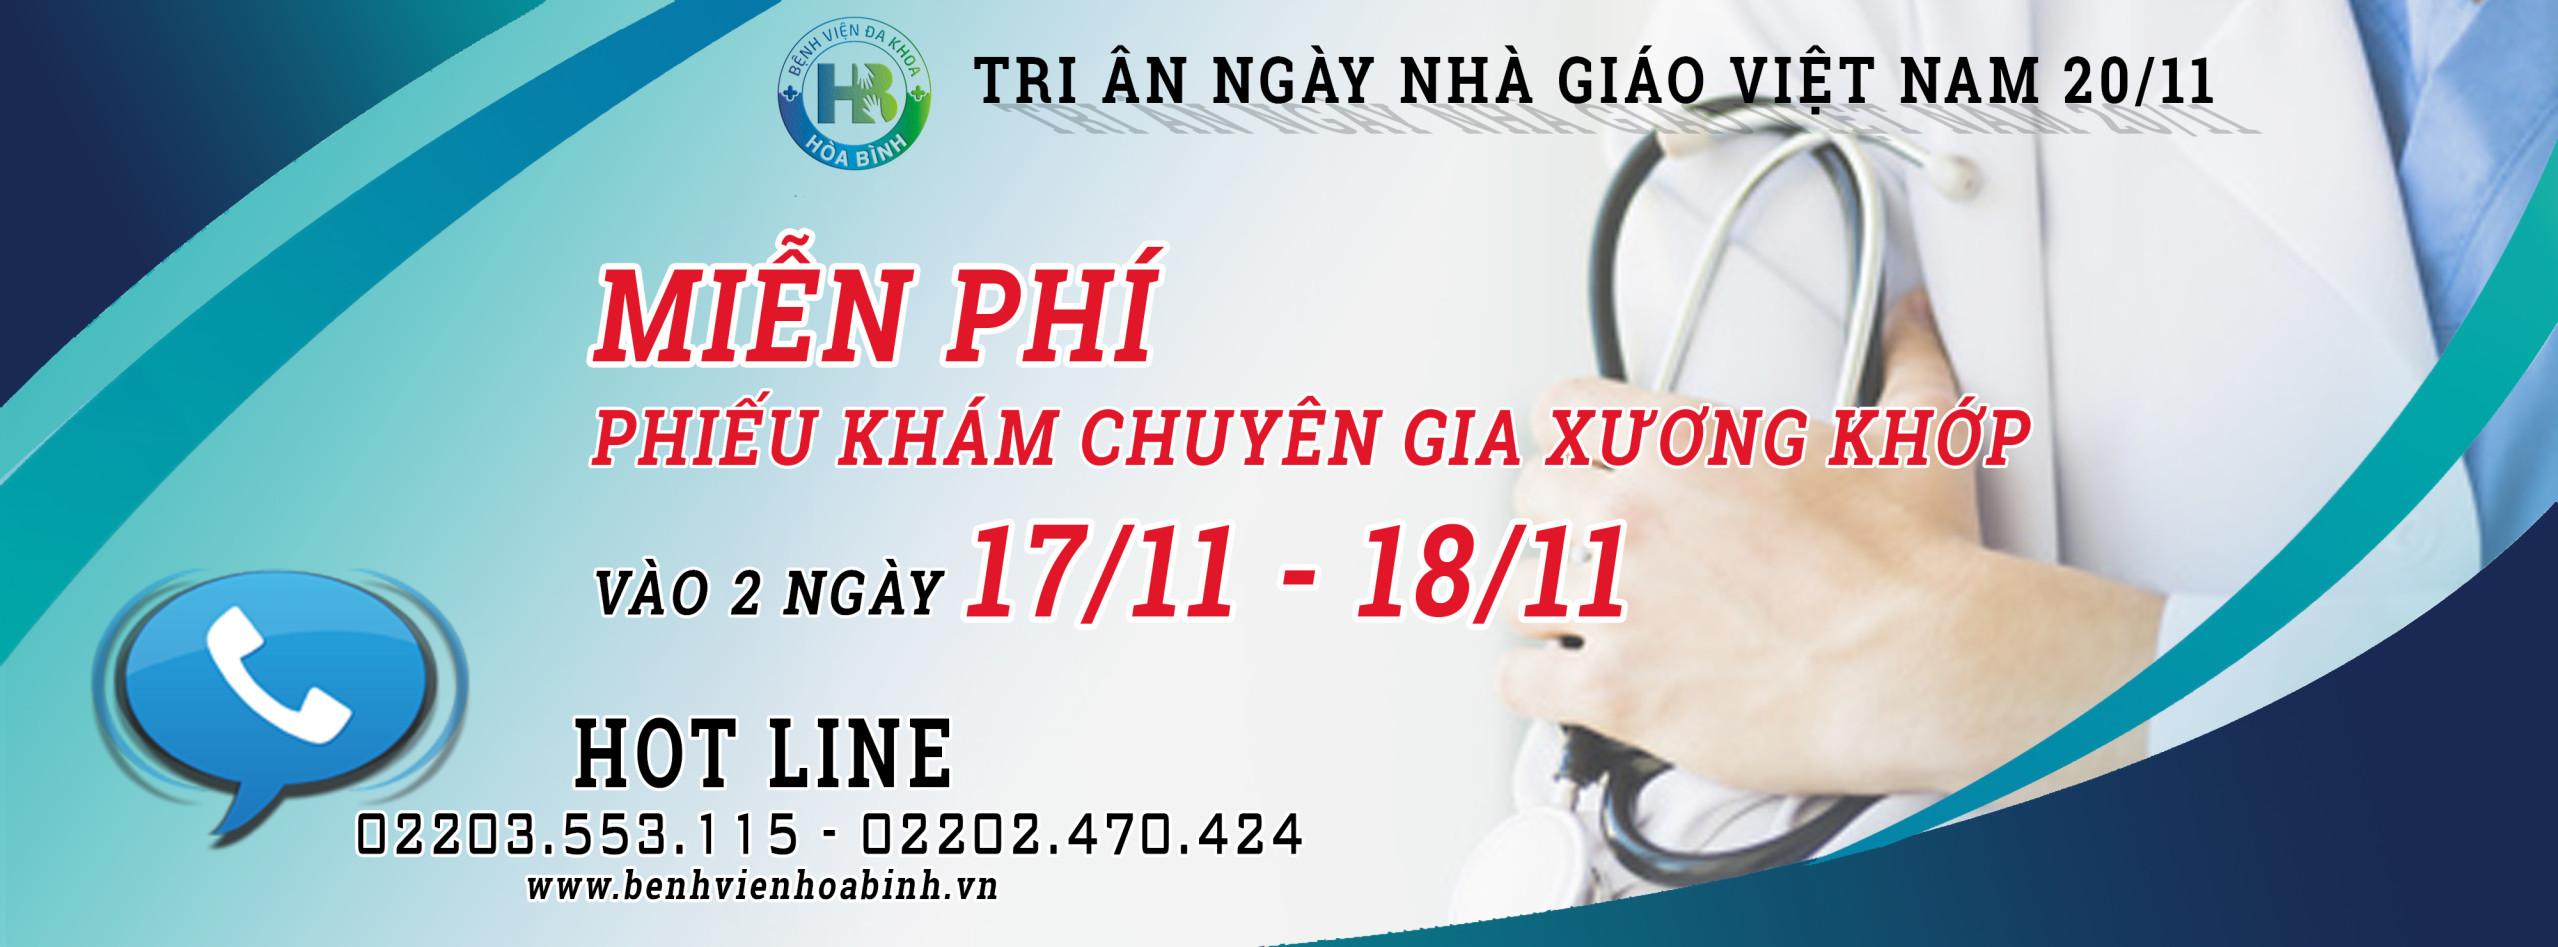 Tri ân ngày nhà giáo Việt Nam 20/11 (Đặc biệt trong tháng 11)